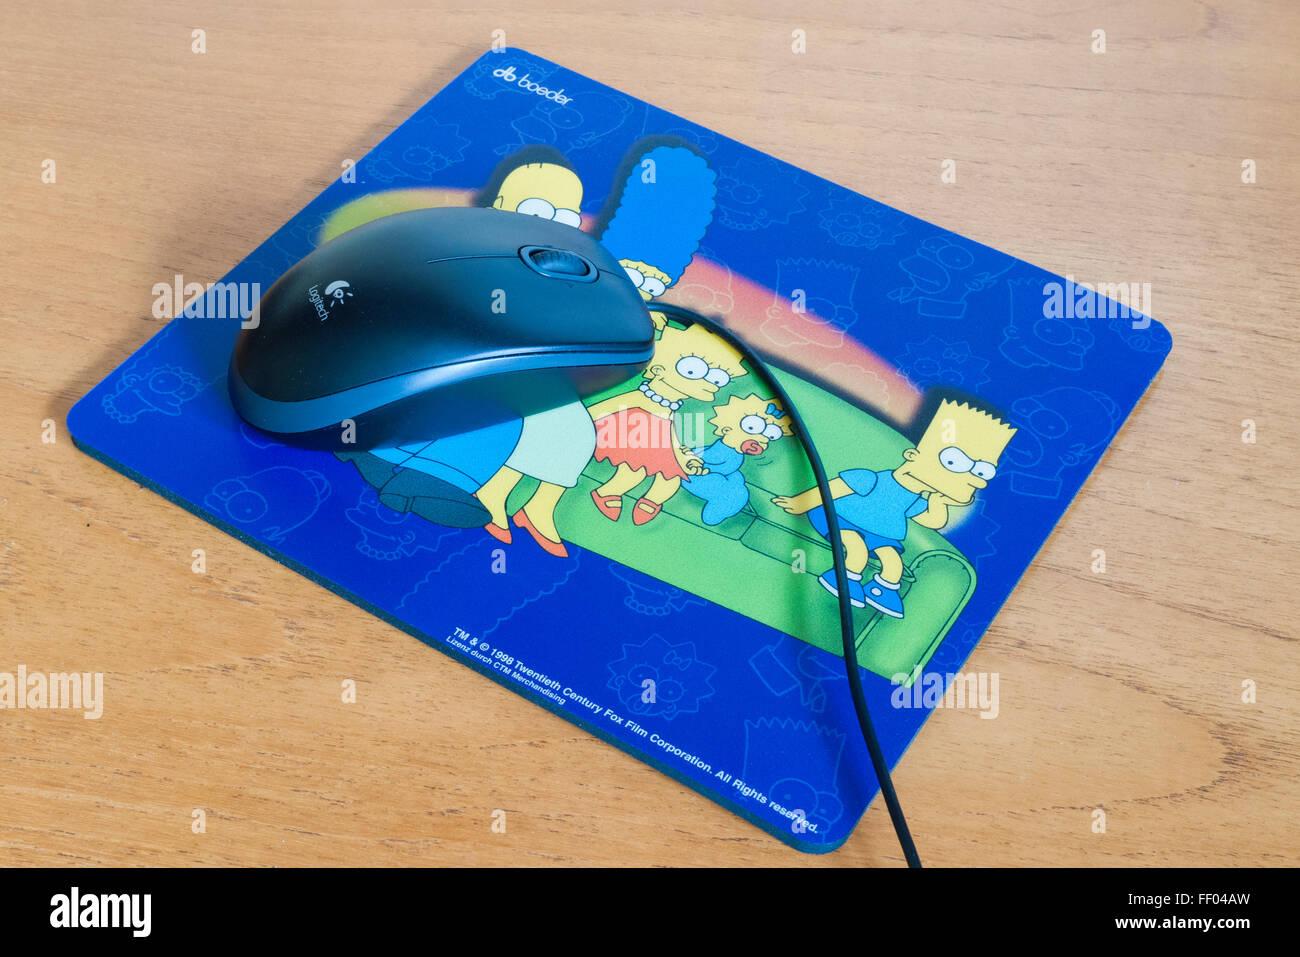 Coolchange tapis de souris one piece gaming version xxl pour le